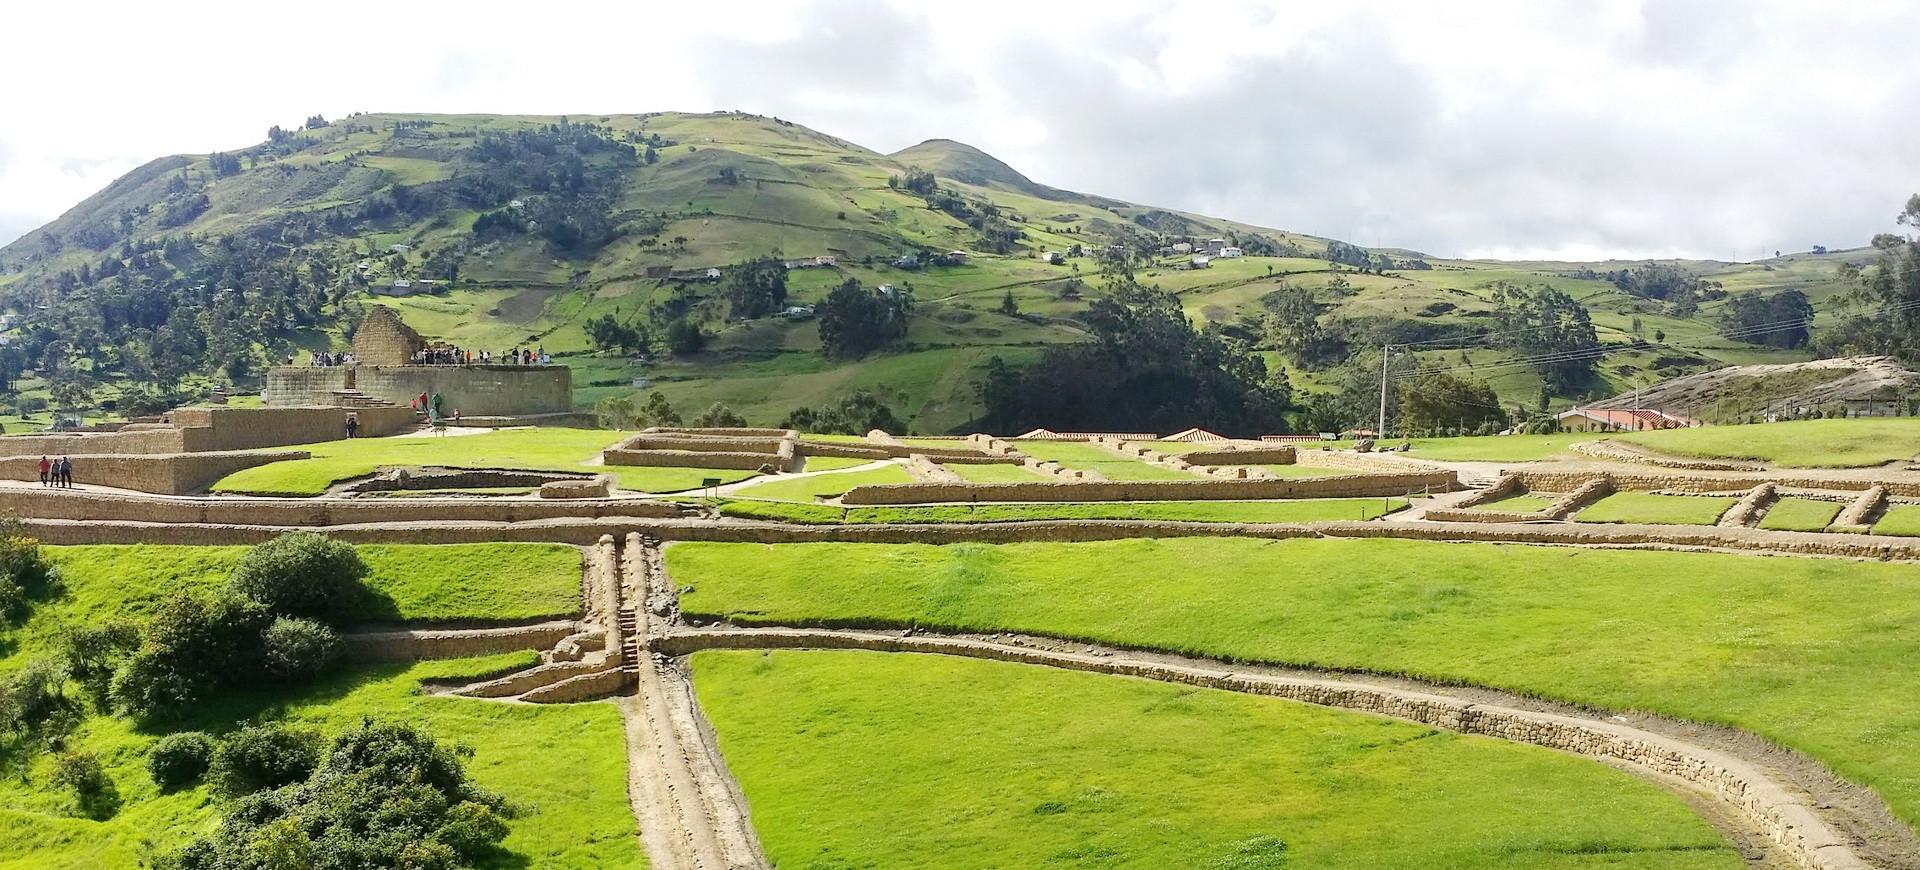 Site archéologique et Forteresse précolombienne à Ingaprica en Equateur